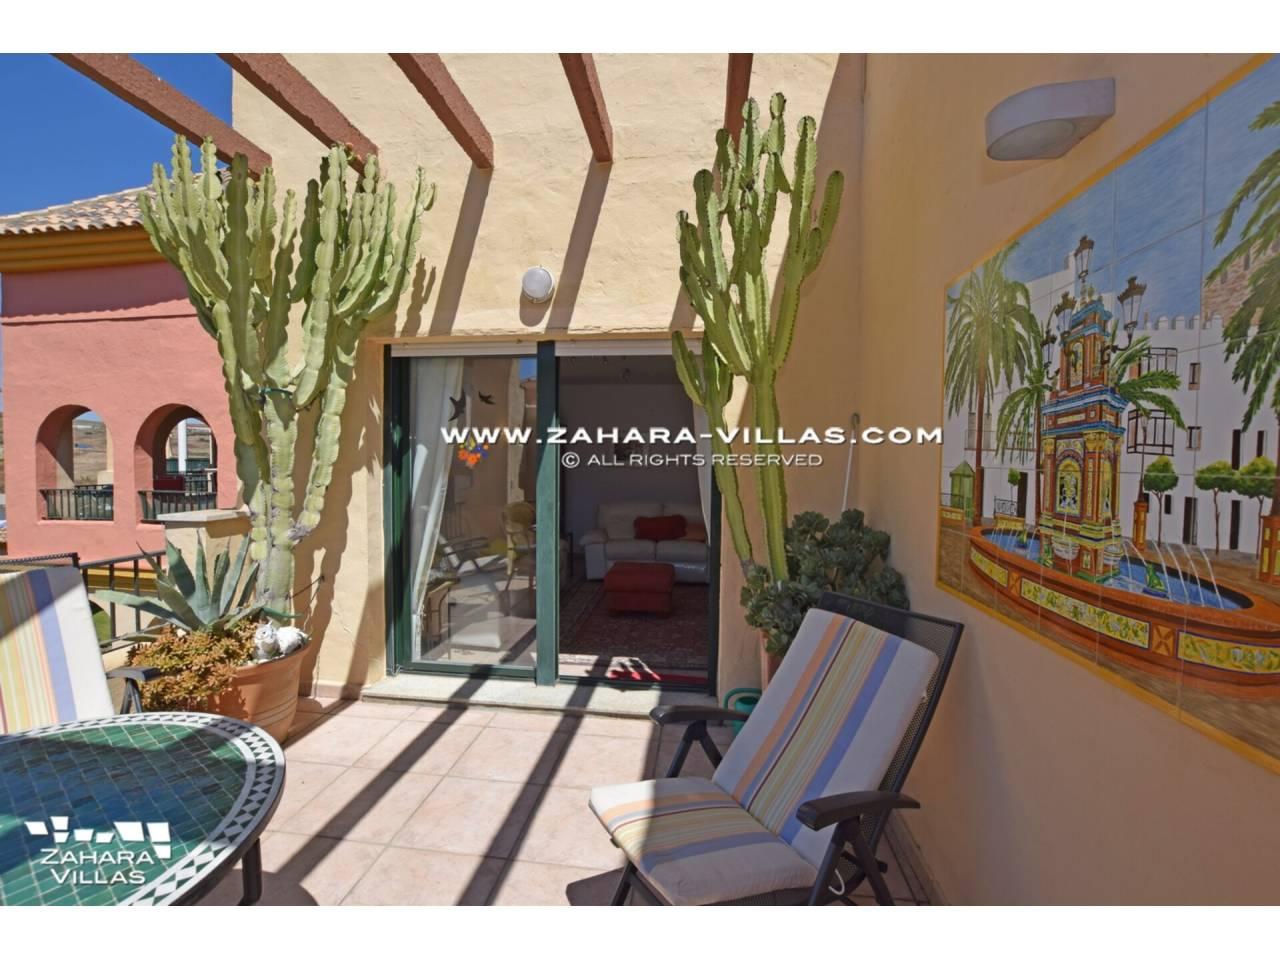 Imagen 3 de Penthouse apartment for sale in Zahara de los Atunes